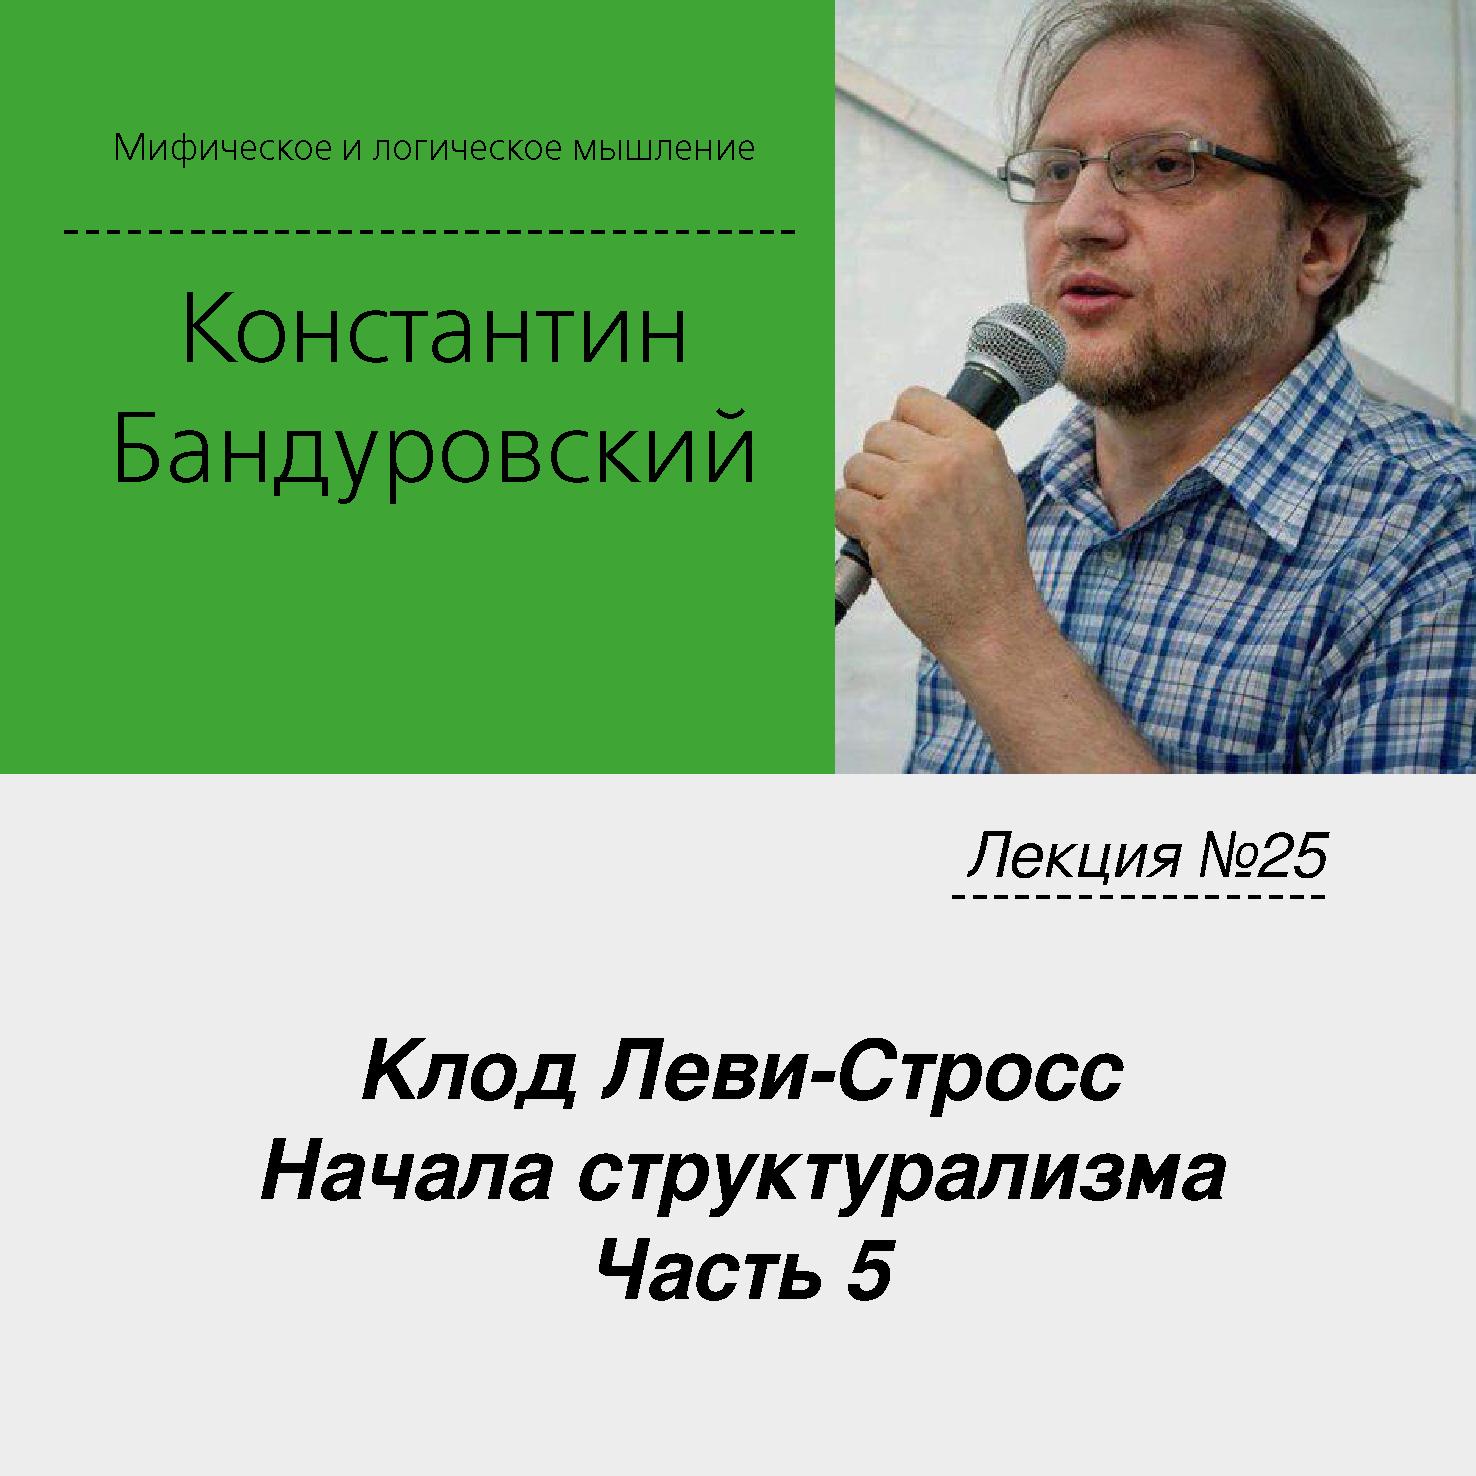 Константин Бандуровский Лекция №25 «Клод Леви-Стросс. Начала структурализма. Часть 5»